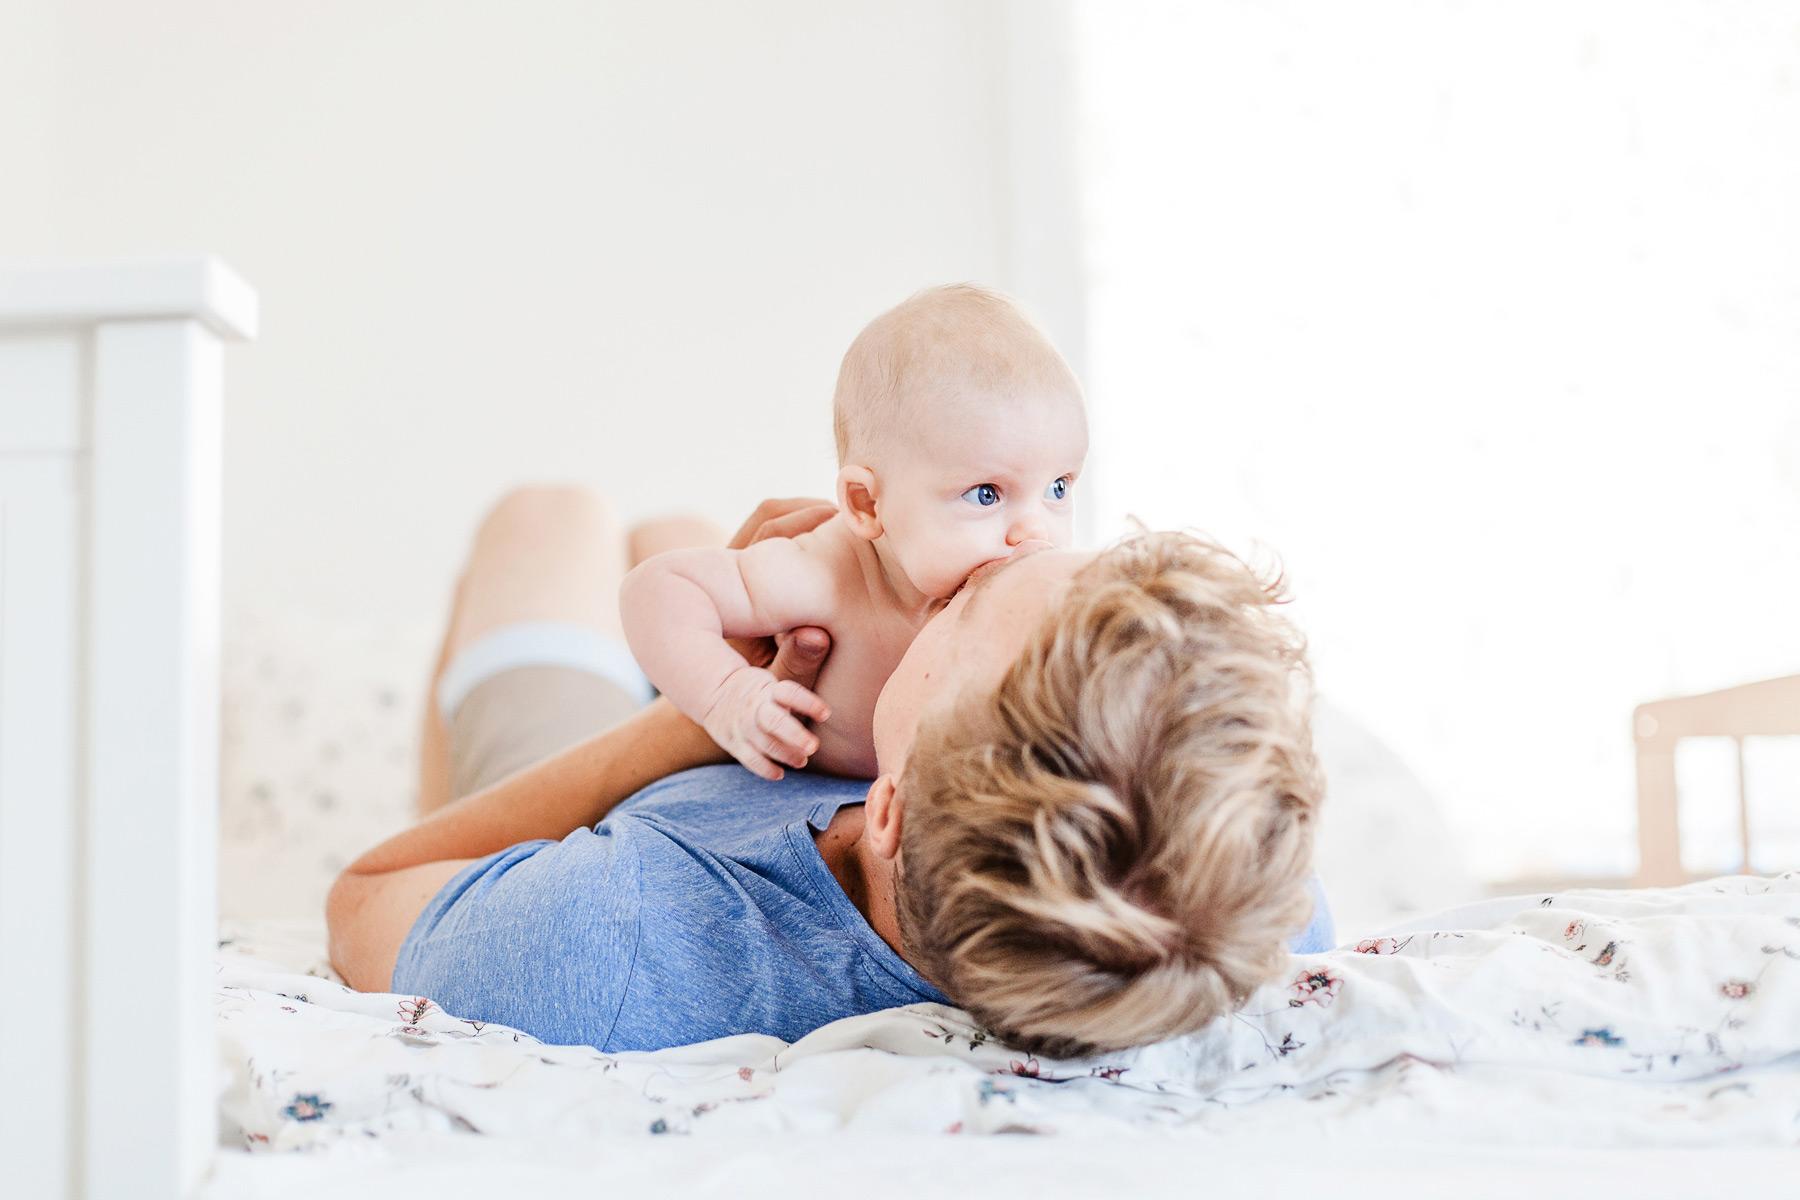 Papa liegt mit Baby auf dem Bett und küsst seine Wange